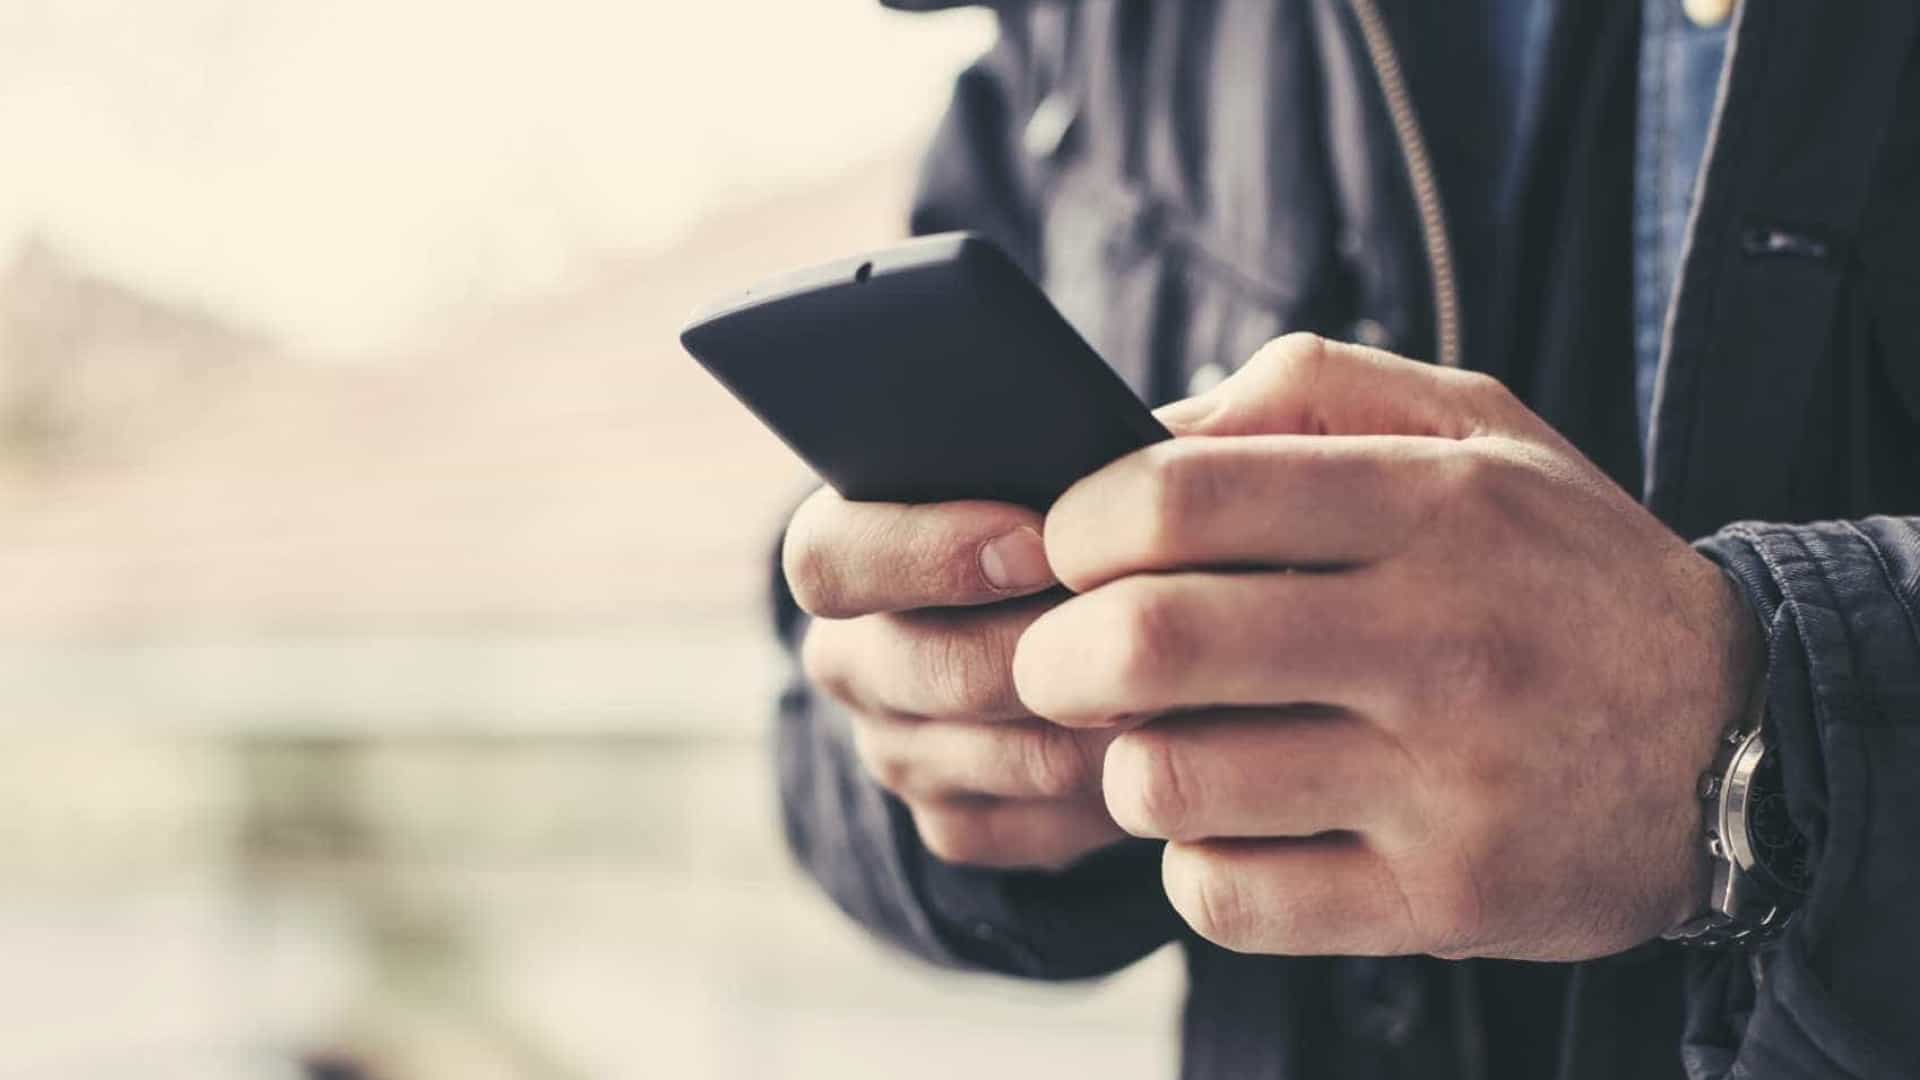 GNR identifica jovem suspeito de chamada falsa para 112 na noite de Natal